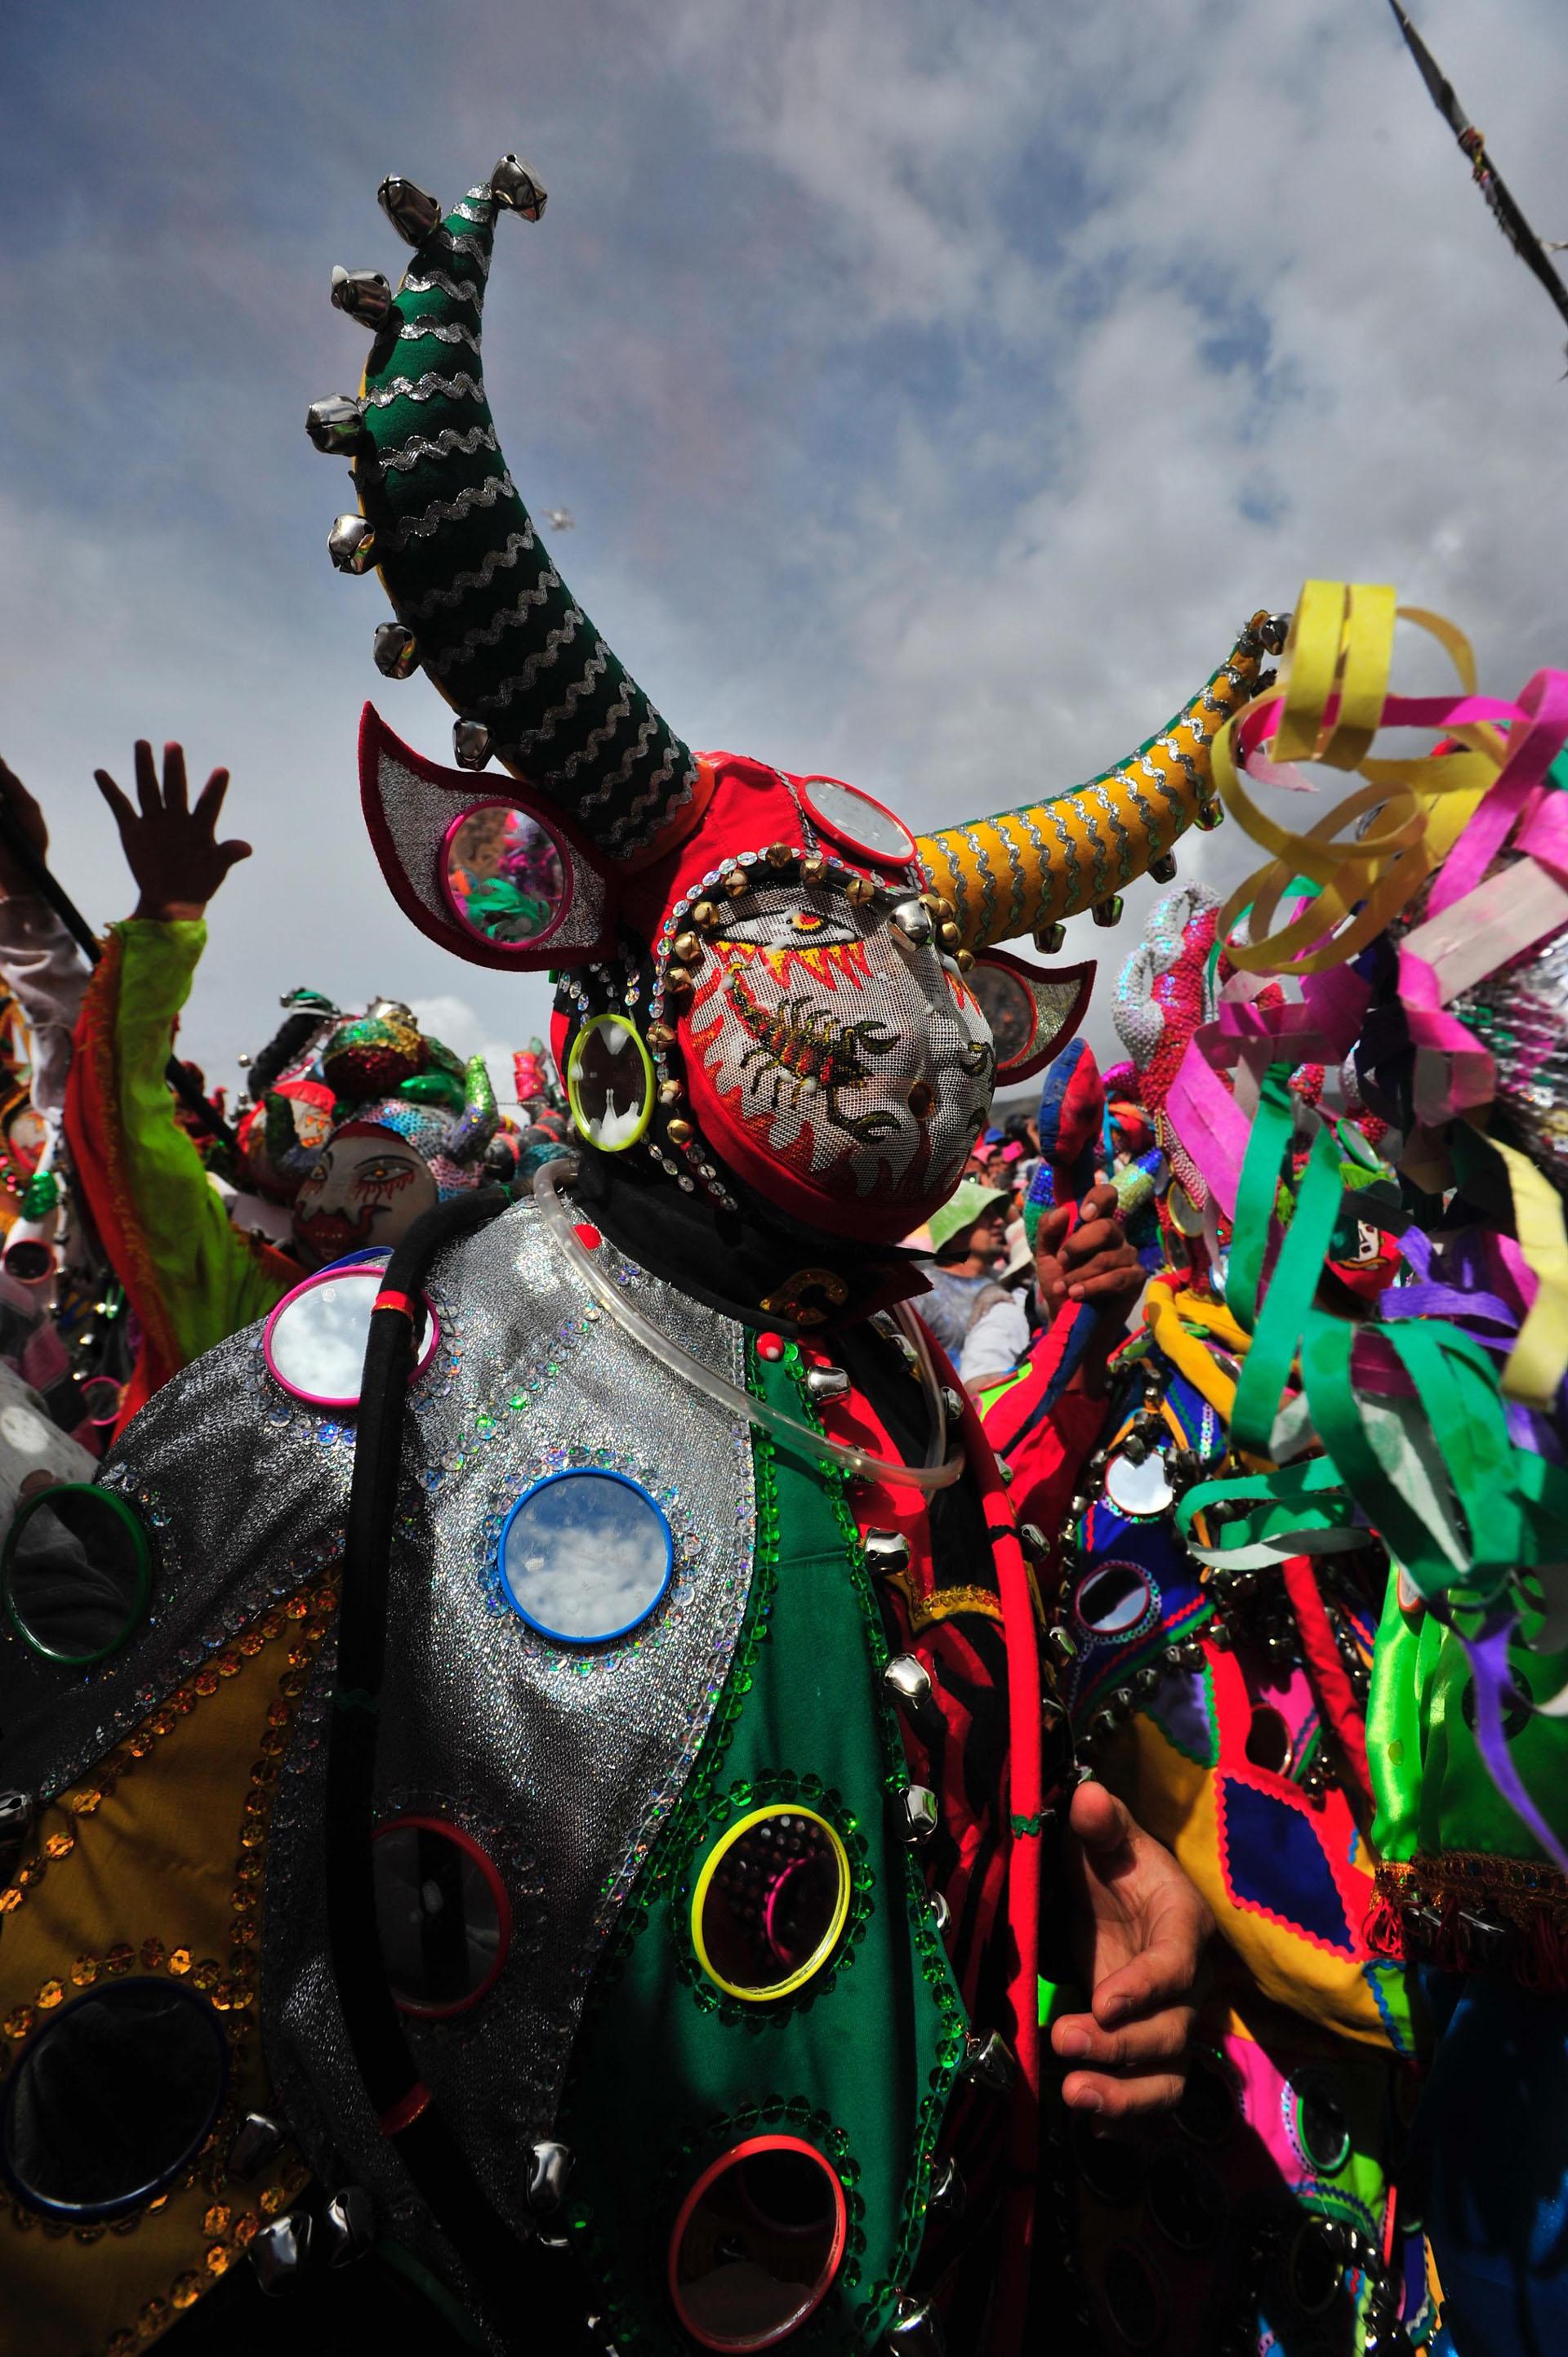 El carnaval andino convoca durante nueve días y ocho noches de fiesta a miles de turistas